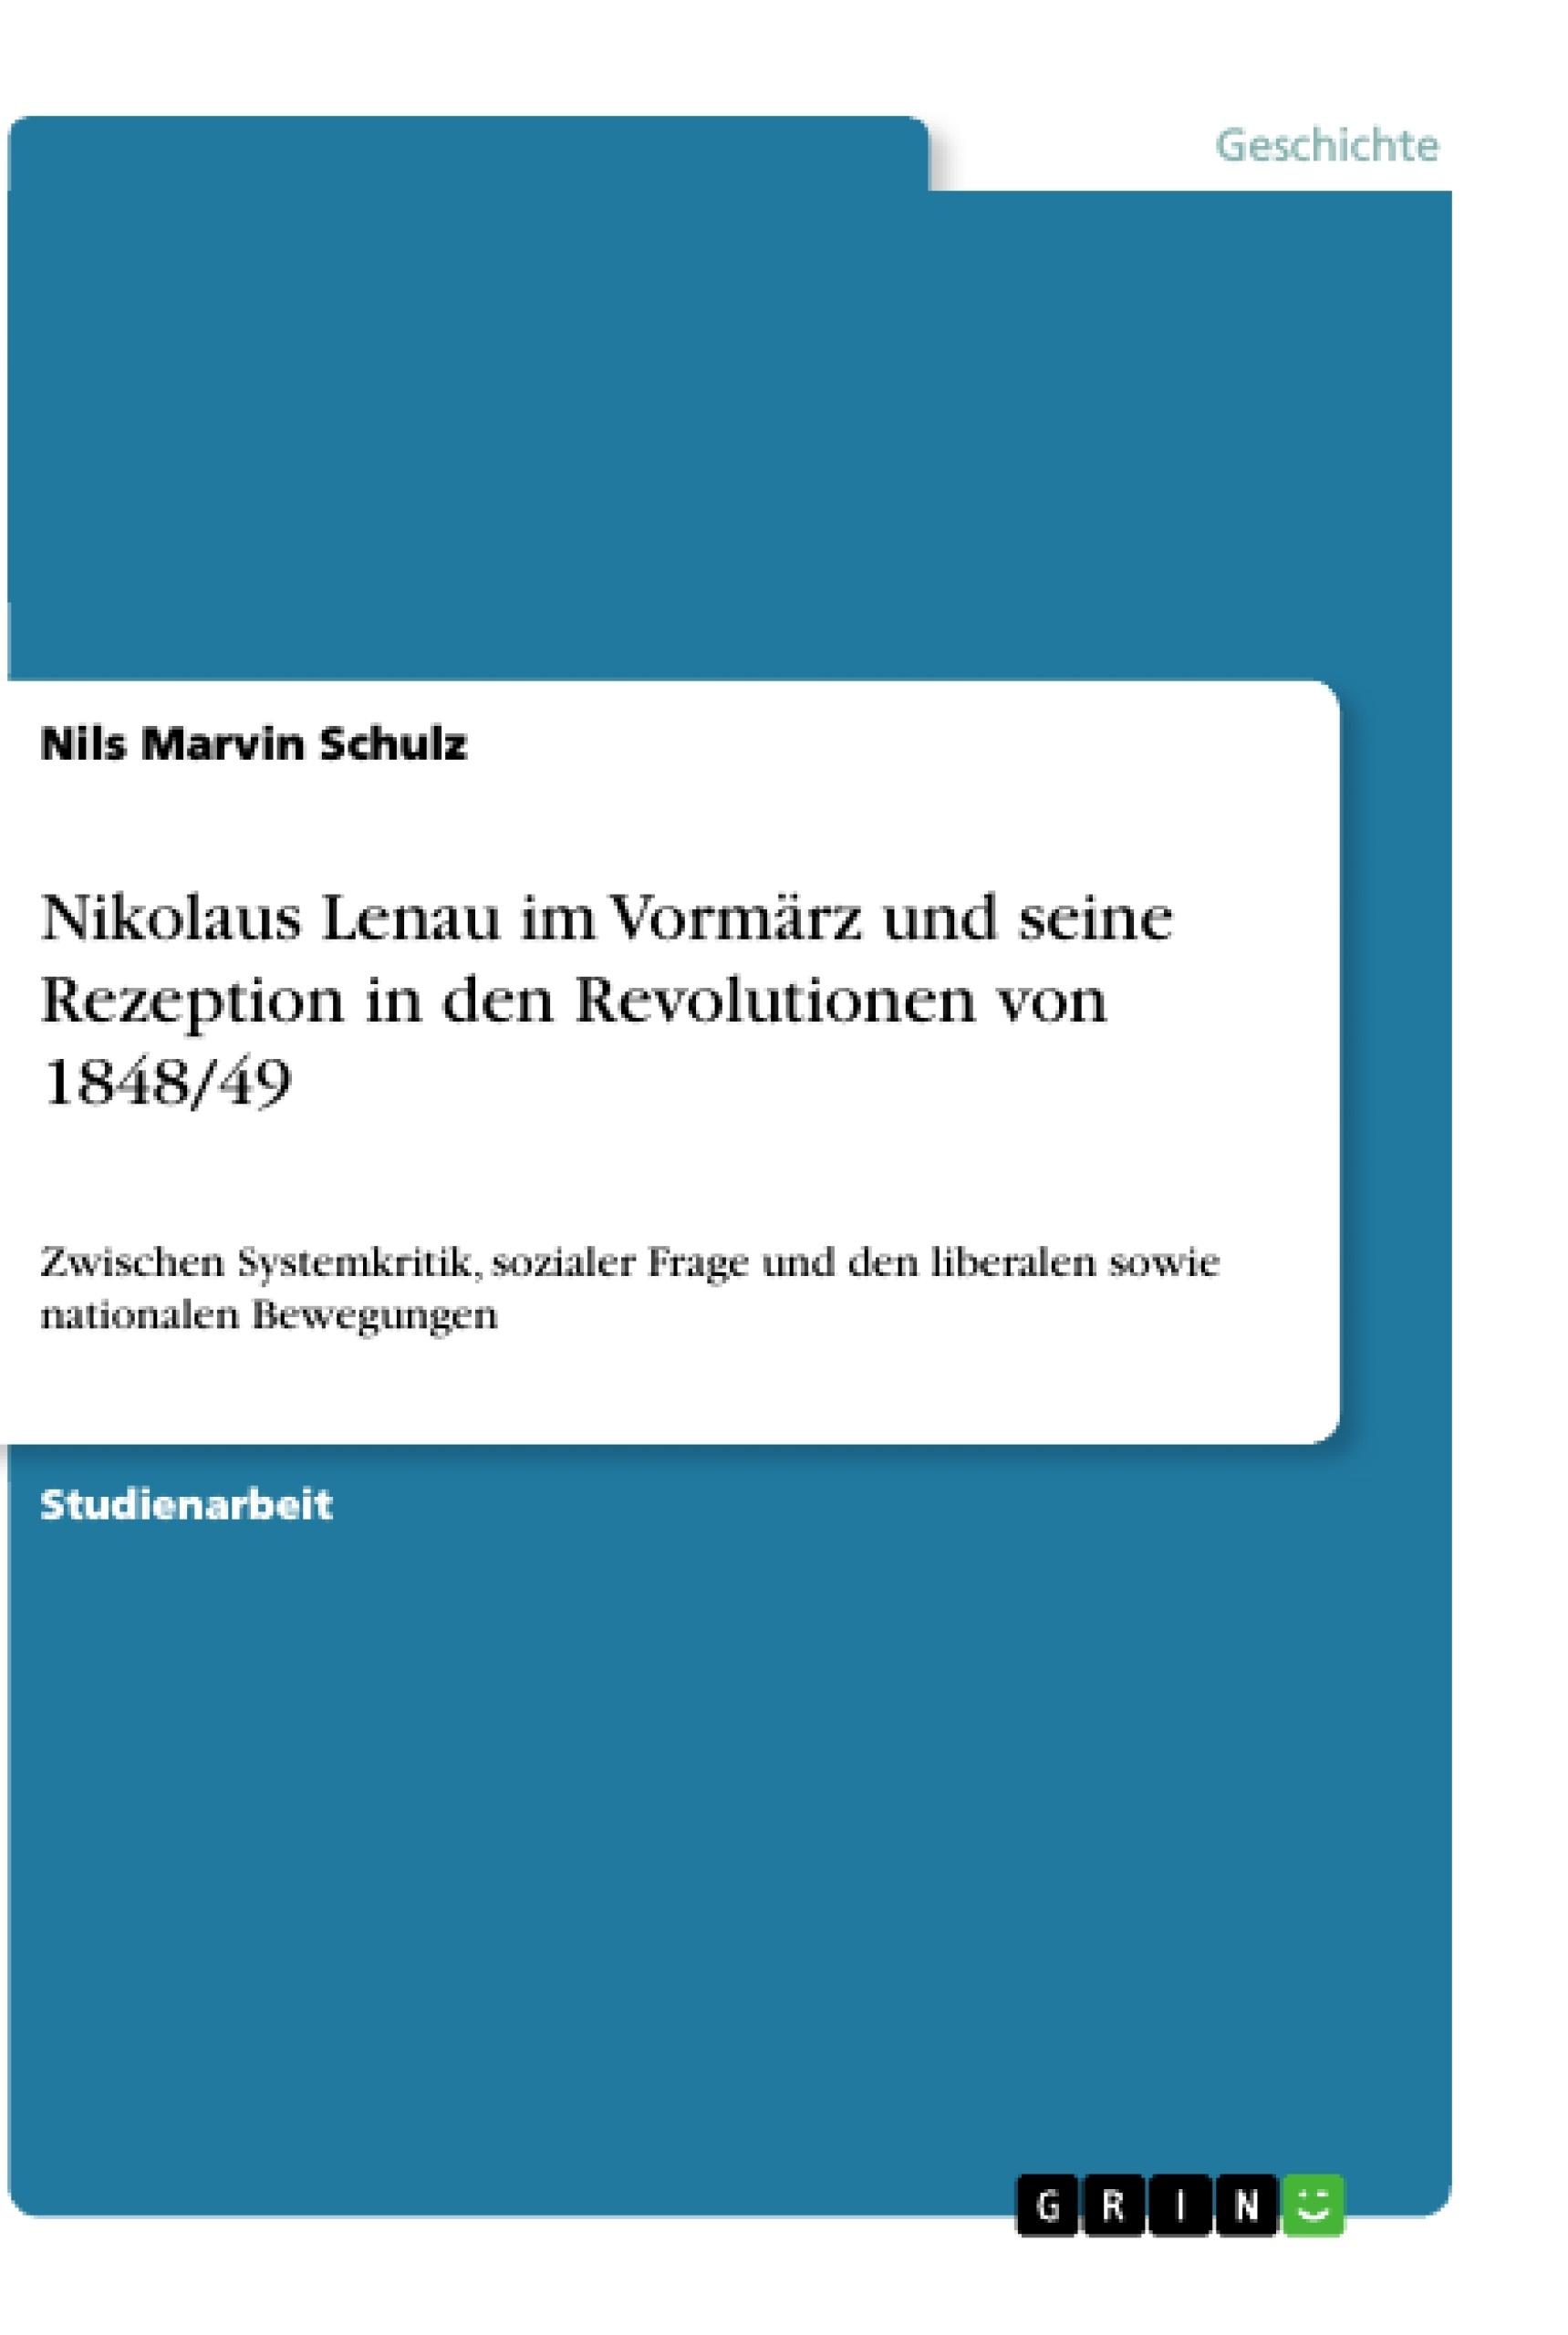 Titel: Nikolaus Lenau im Vormärz und seine Rezeption in den Revolutionen von 1848/49